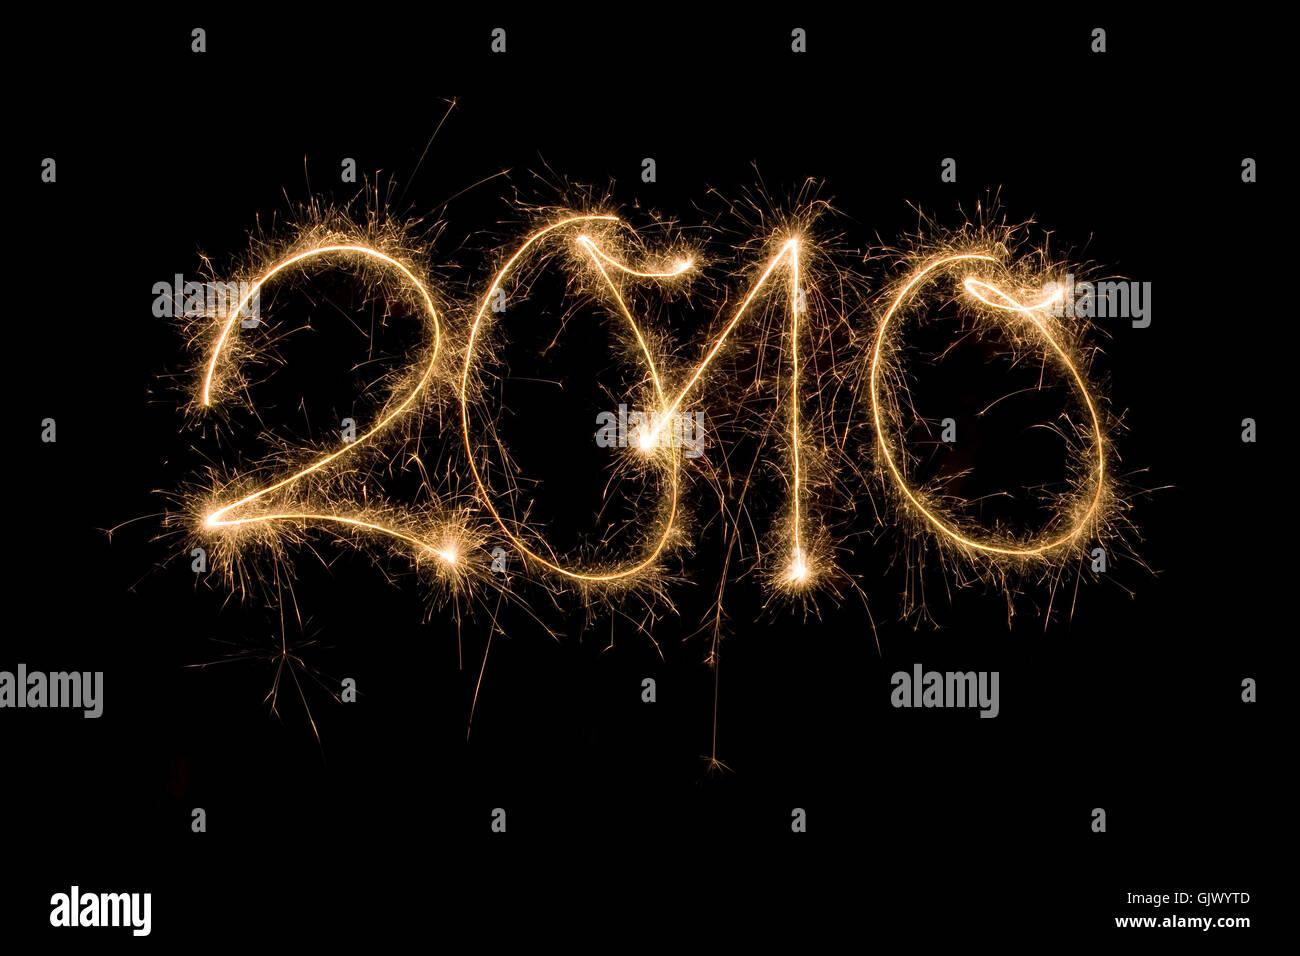 silvester neujahr 2010 jahreswechsel silvester neujahr 2010 feiern feuerwerk jahreswechsel jahresende zahl spruhen - Stock Image